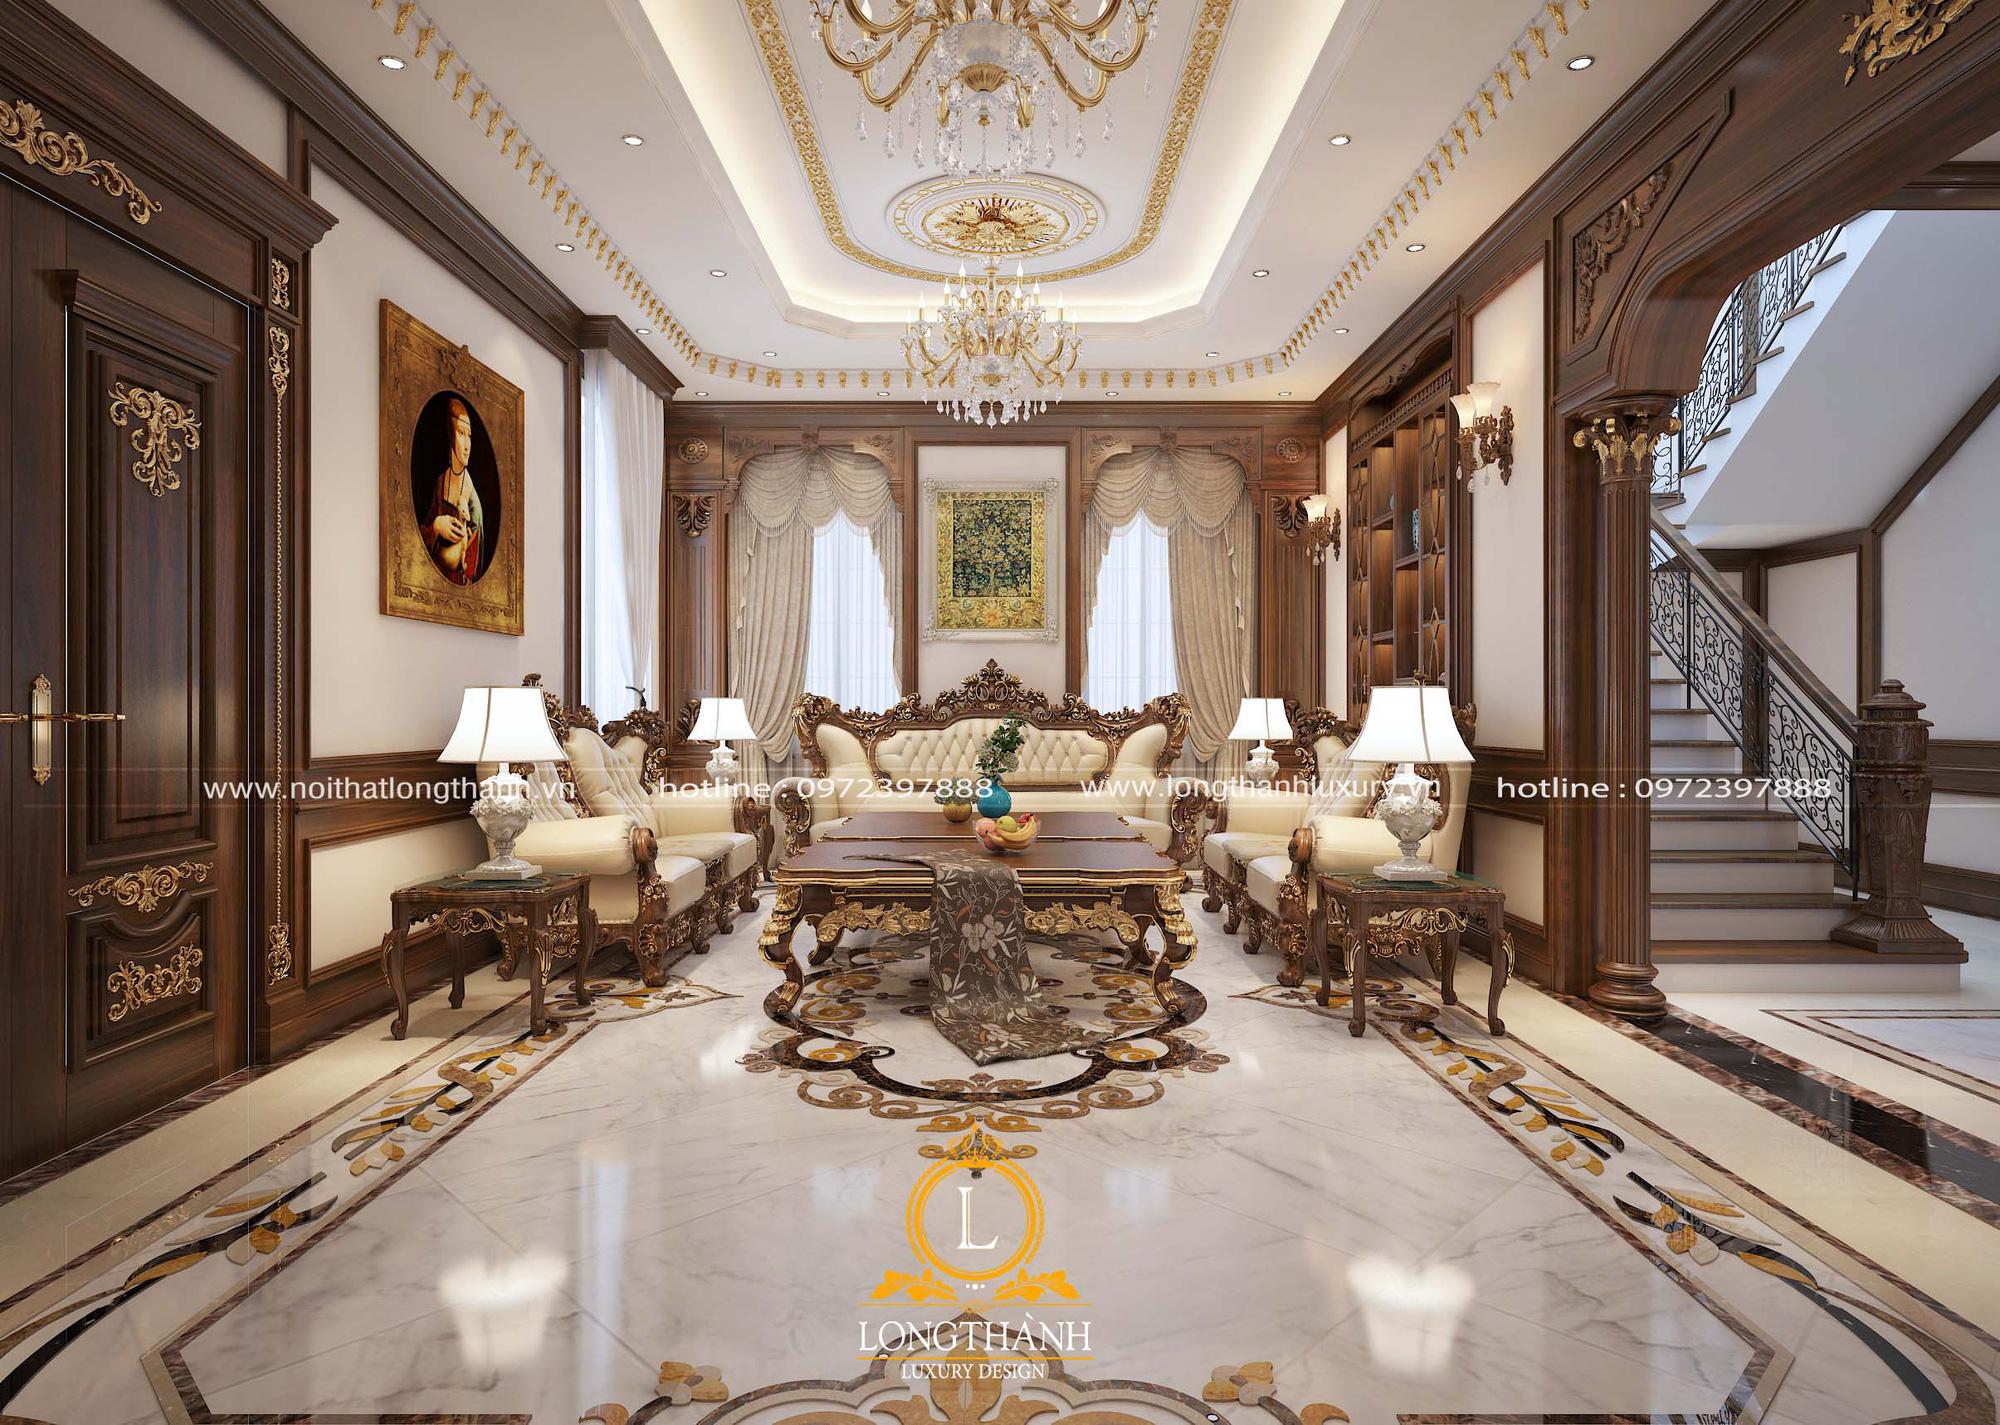 Nội Thất Long Thành – Kiến tạo vẻ đẹp hoàn mỹ cho ngôi nhà của bạn - Ảnh 3.